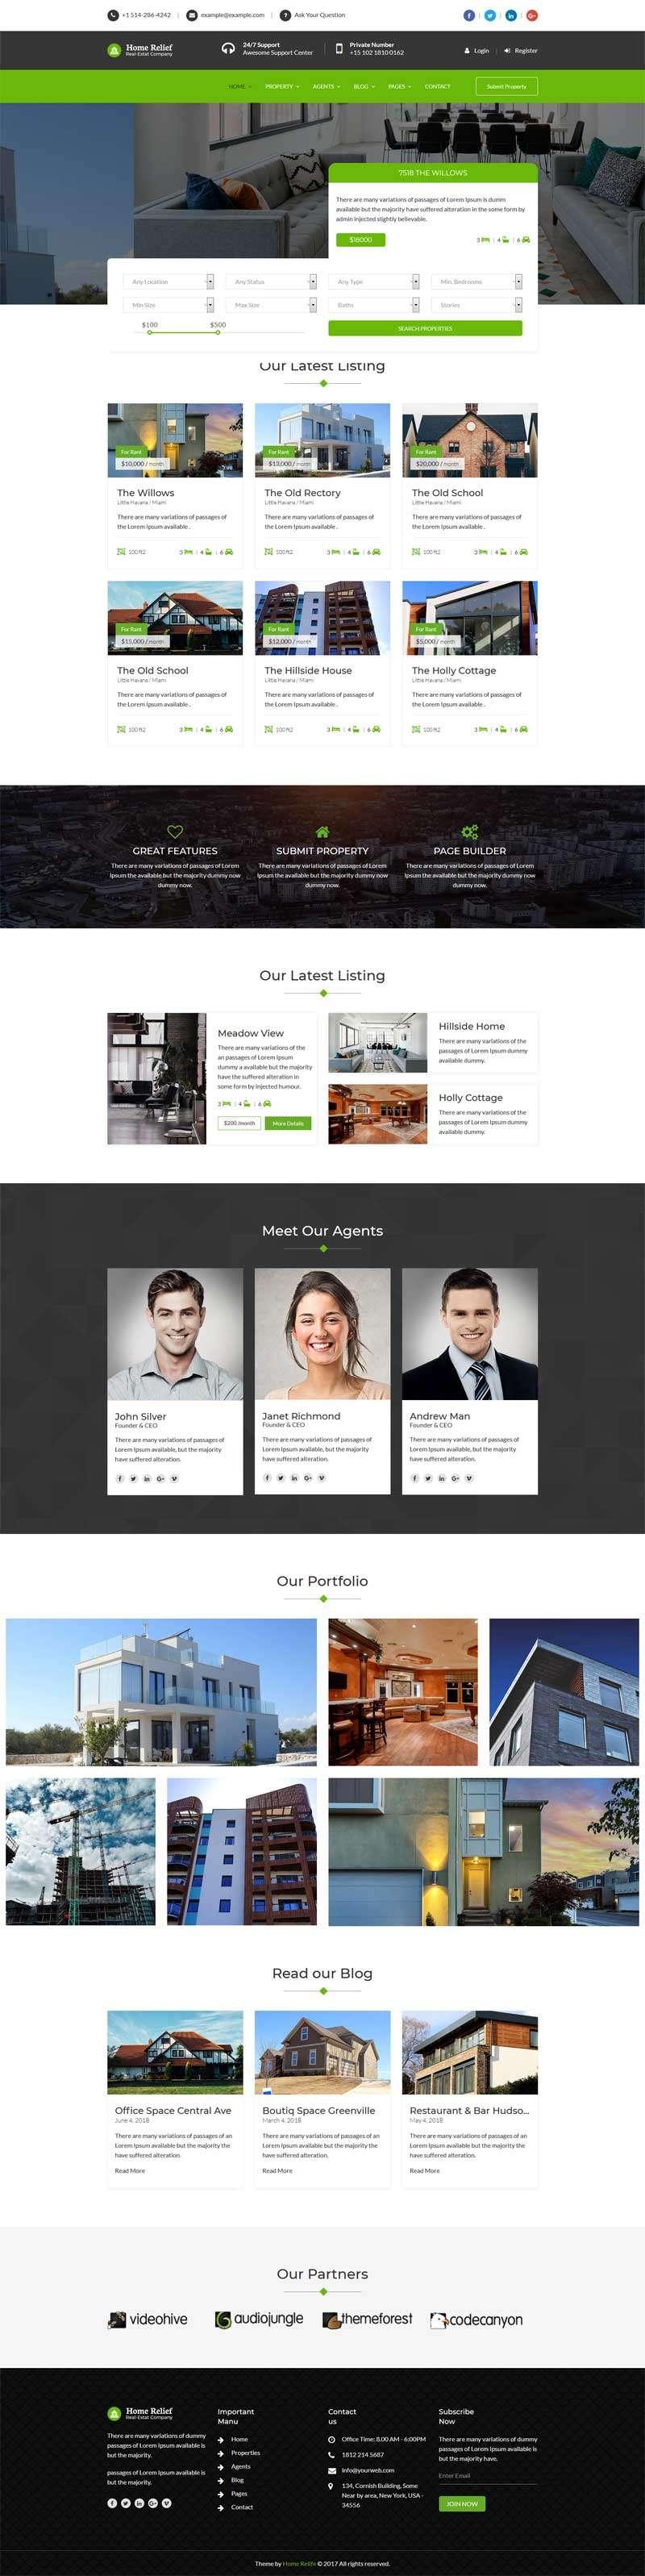 绿色Bootstrap响应式房产中介网站模板